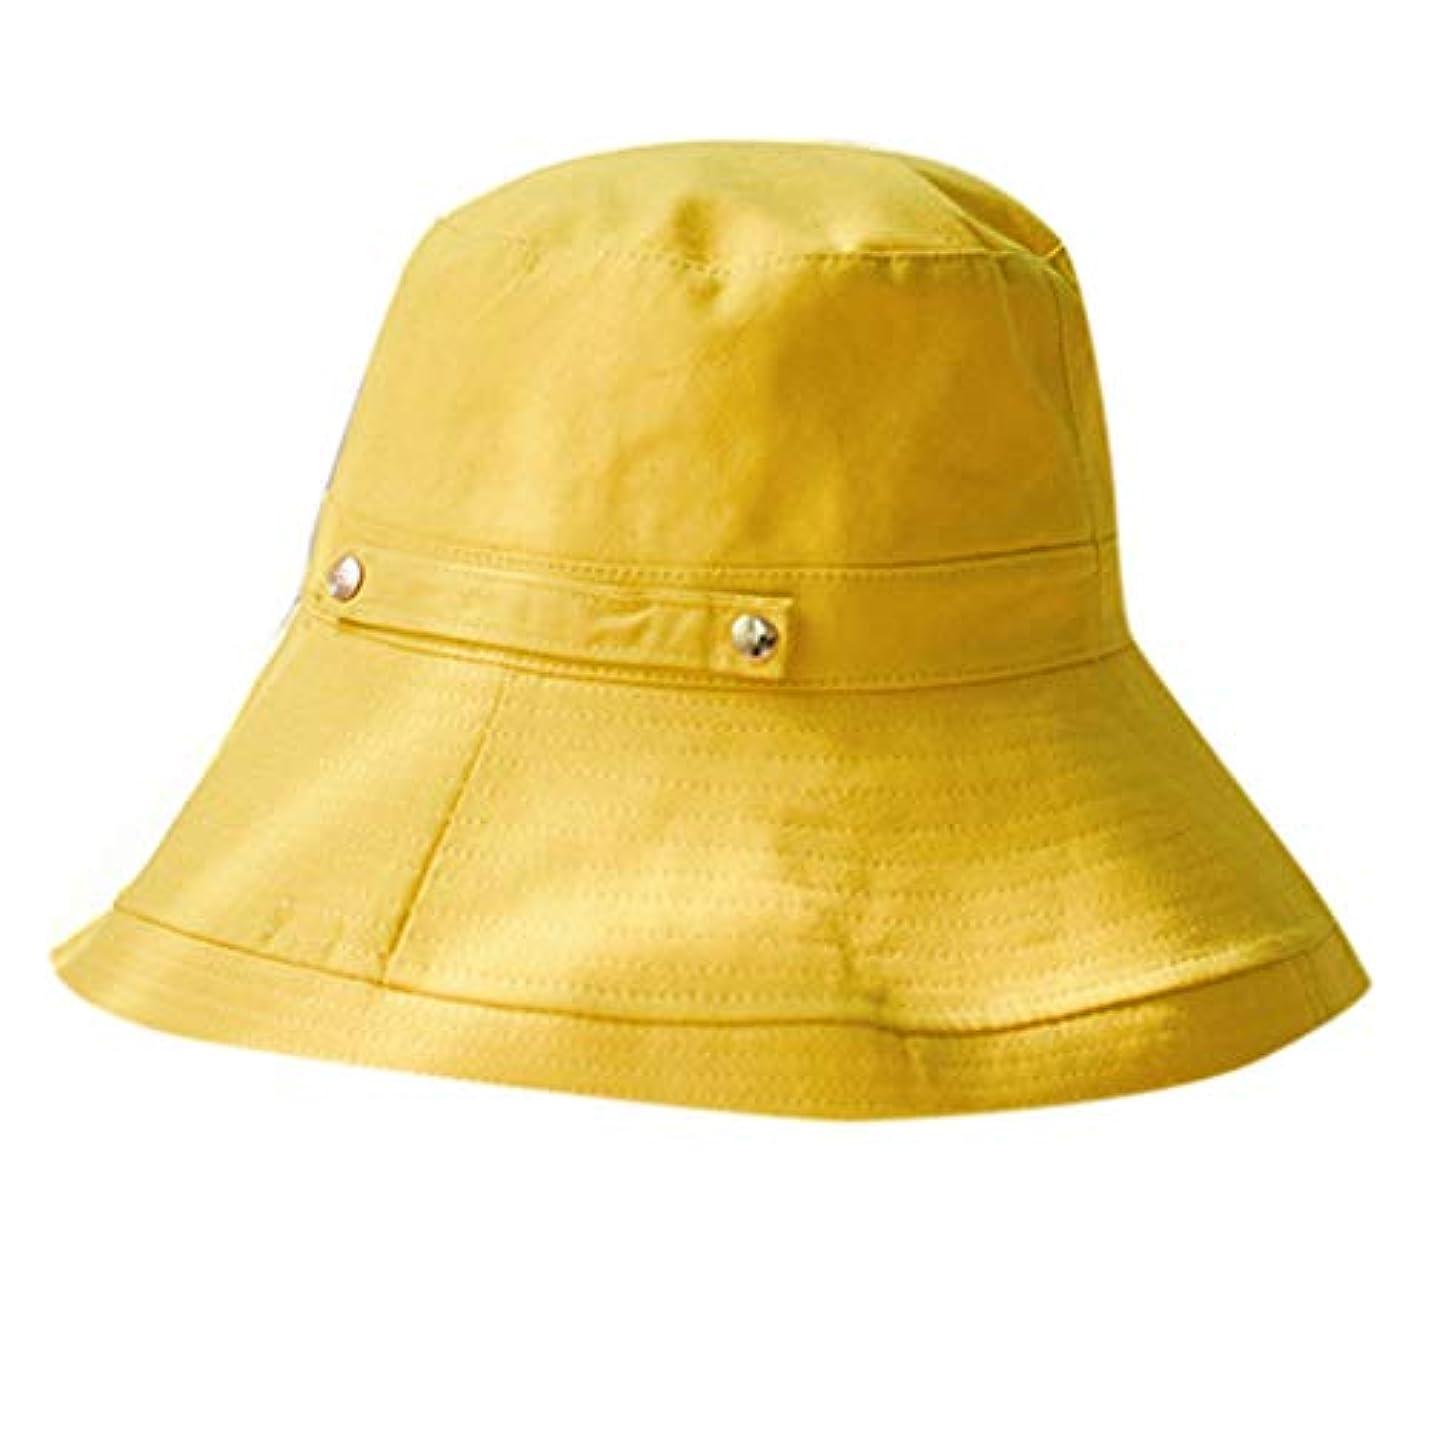 おむしろウィンク女性の春と夏の無地のコットンキャップ 漁師の帽子 漁師帽 UVカット帽子 レディース つば広 ハット アウトドア ファッションビッグバイザー 釣り帽子 漁師キャップ UVカット ハット レディース 日よけ 男女兼用 ROSE...